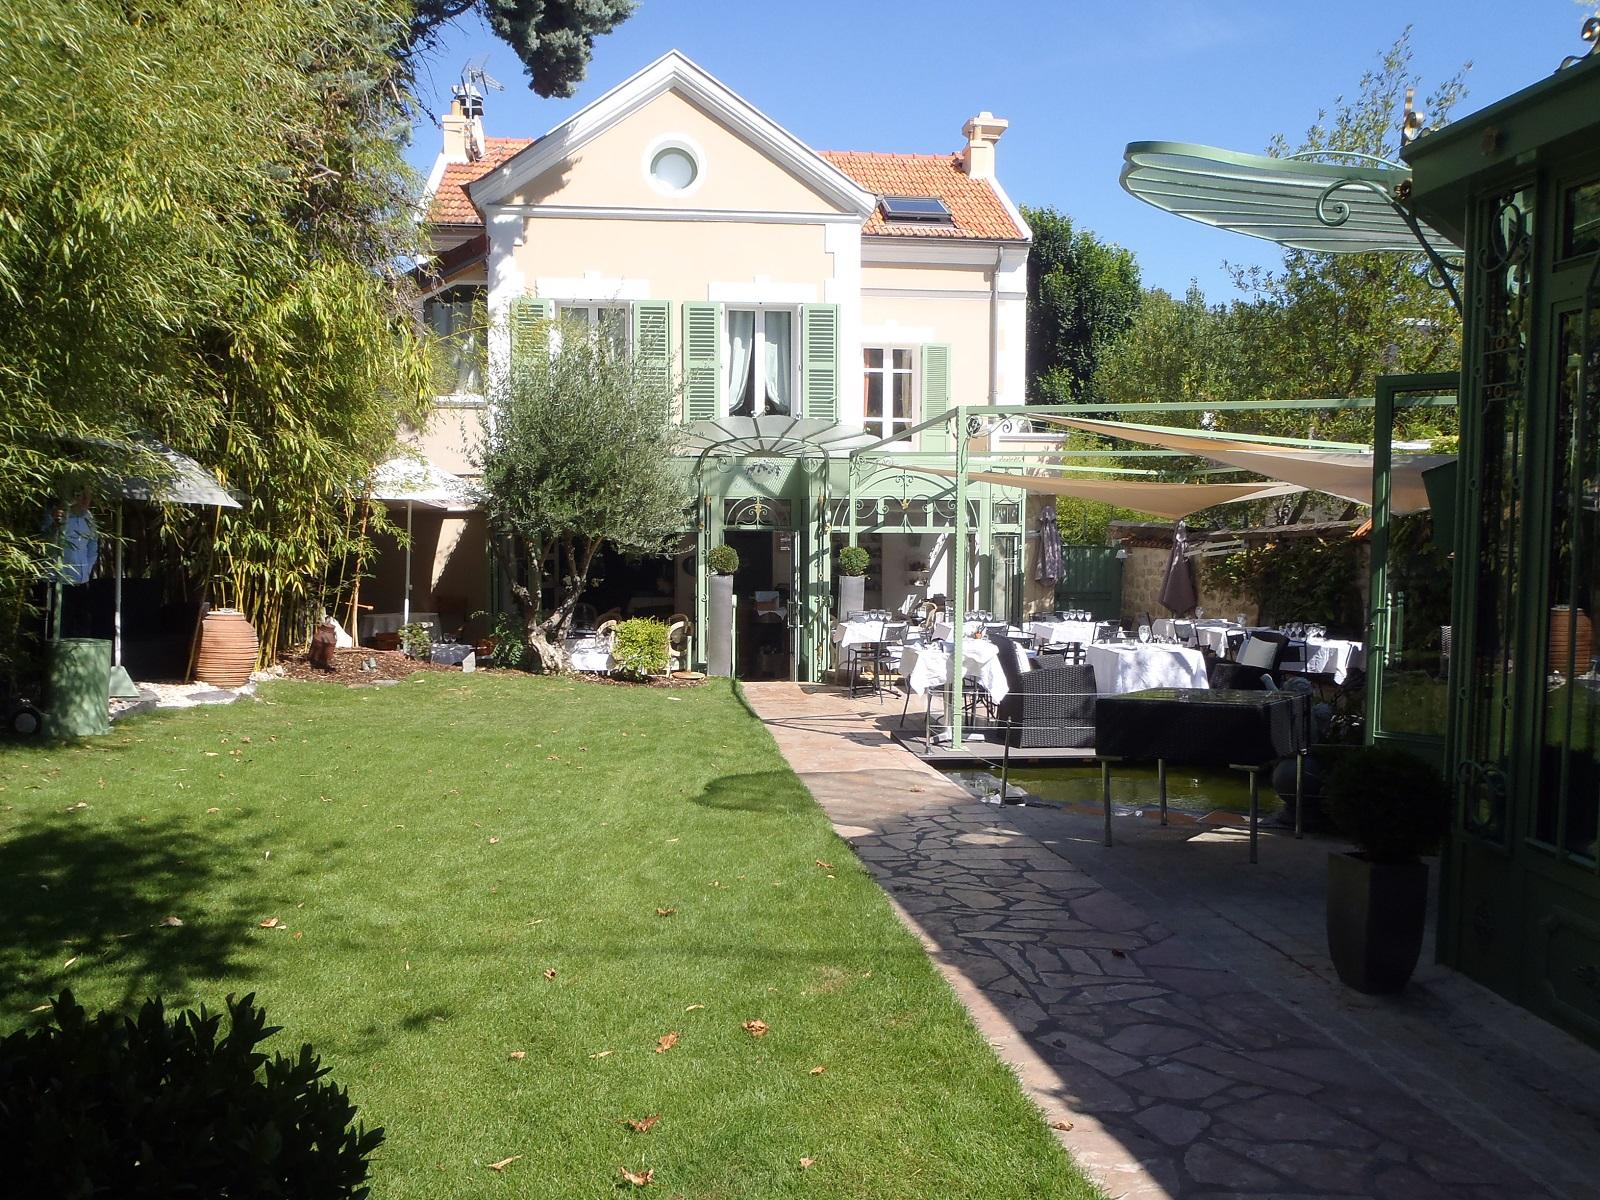 Restaurant fran ais la jument verte rueil malmaison for Entretien jardin rueil malmaison